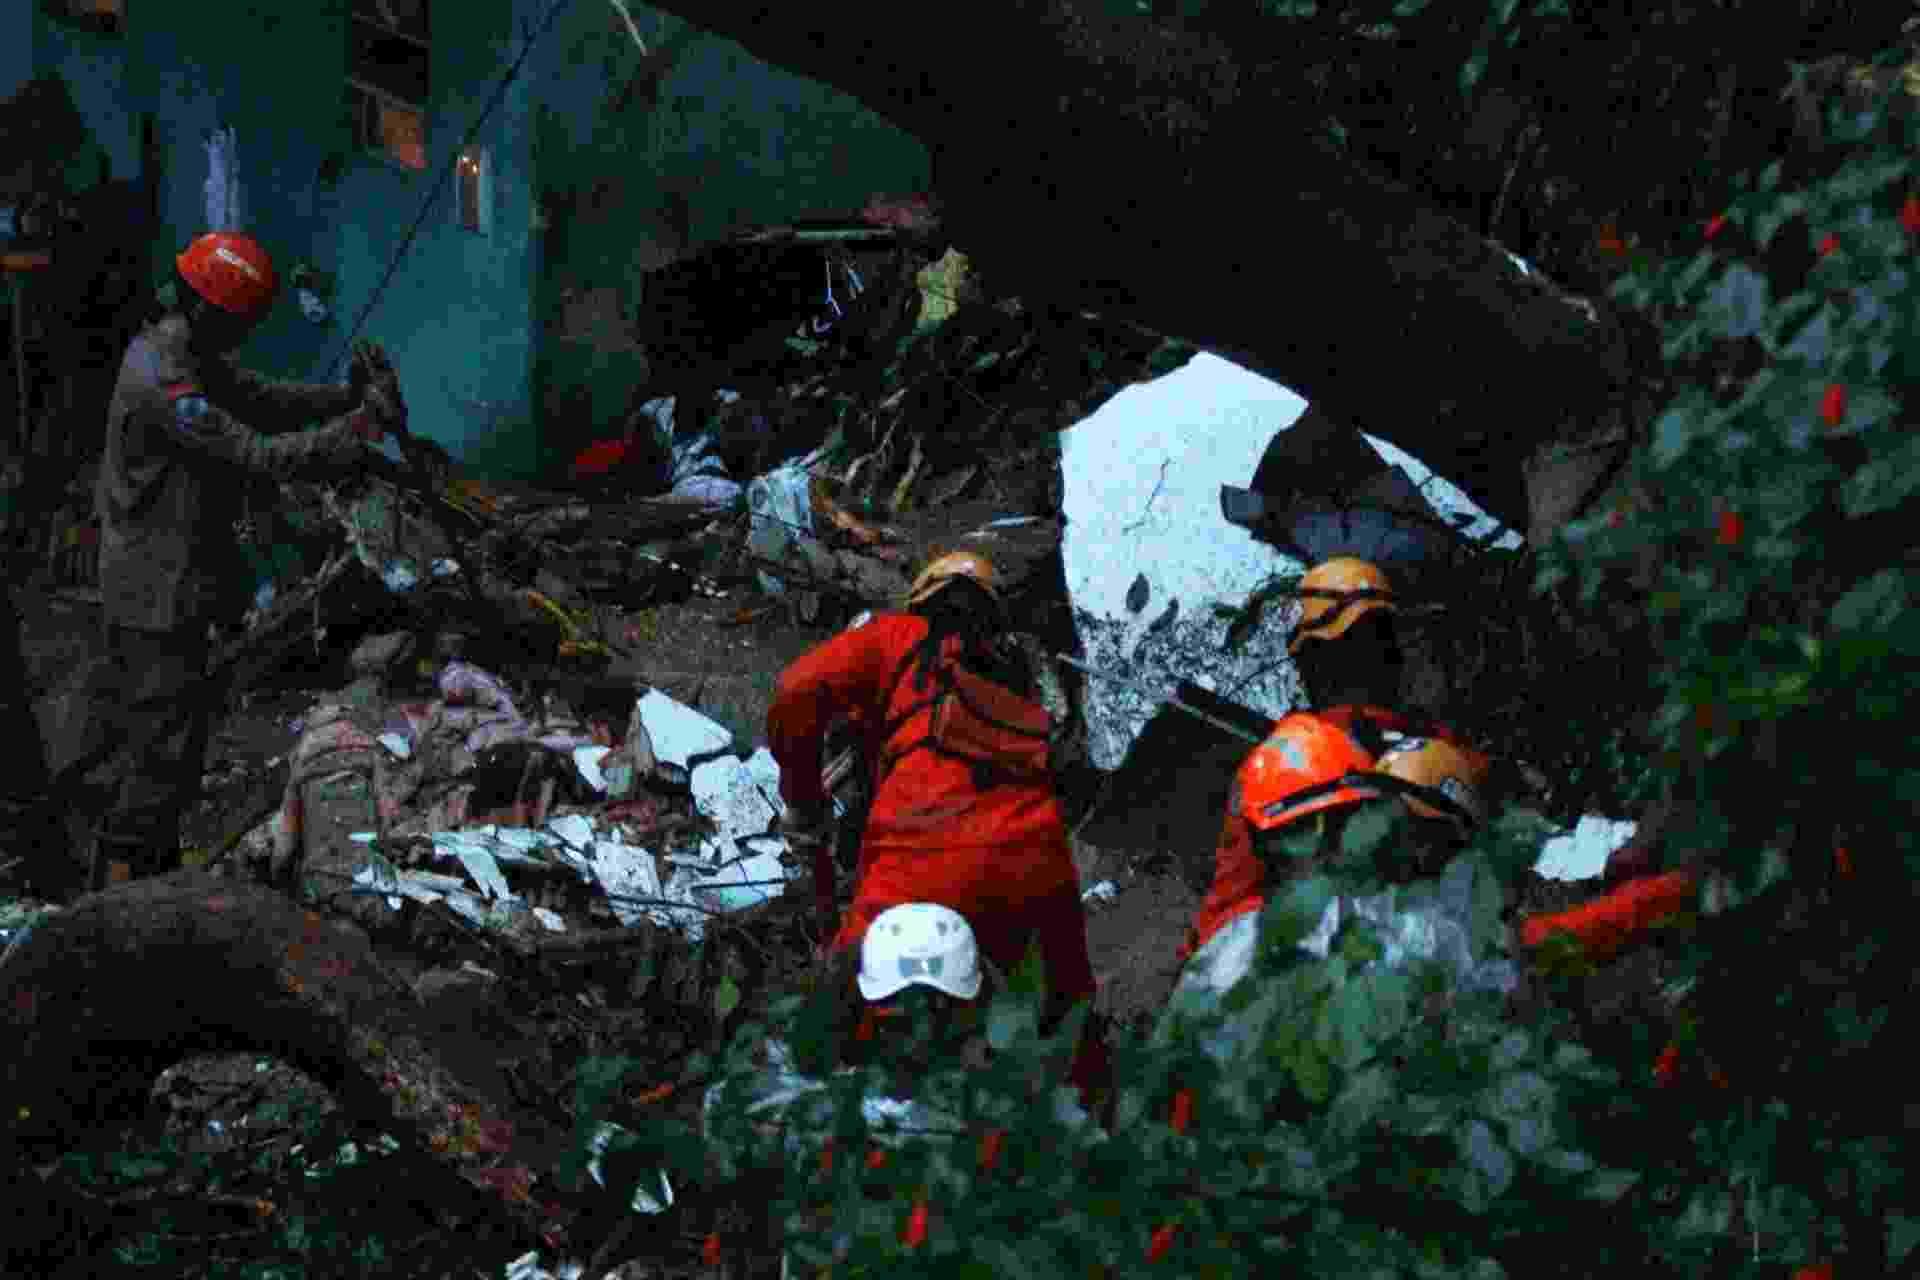 9.abr.2019 - Equipes de resgate trabalham na área de um deslizamento de terra no Morro da Babilônia, no Leme, causado pelas fortes chuvas que atingiram o Rio de Janeiro durante a madrugada - Jose Lucena/Futura Press/Estadão Conteúdo